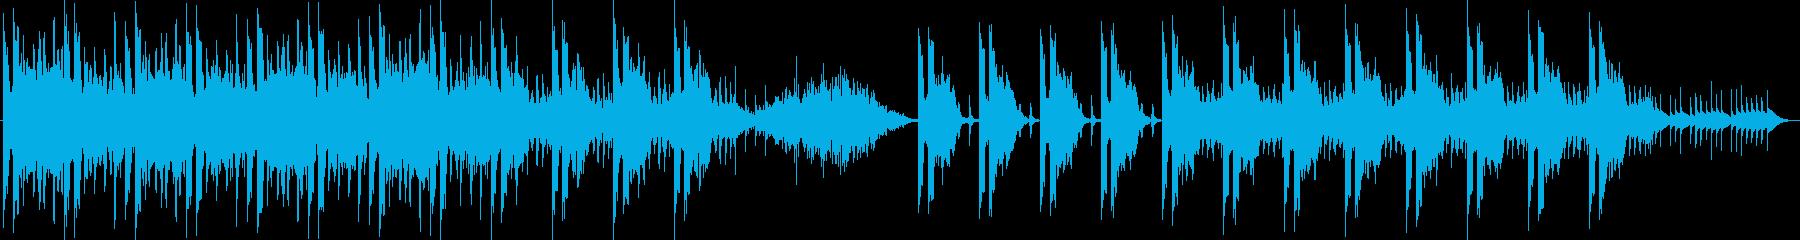 不気味な旋律が特徴的なホラー風BGMの再生済みの波形